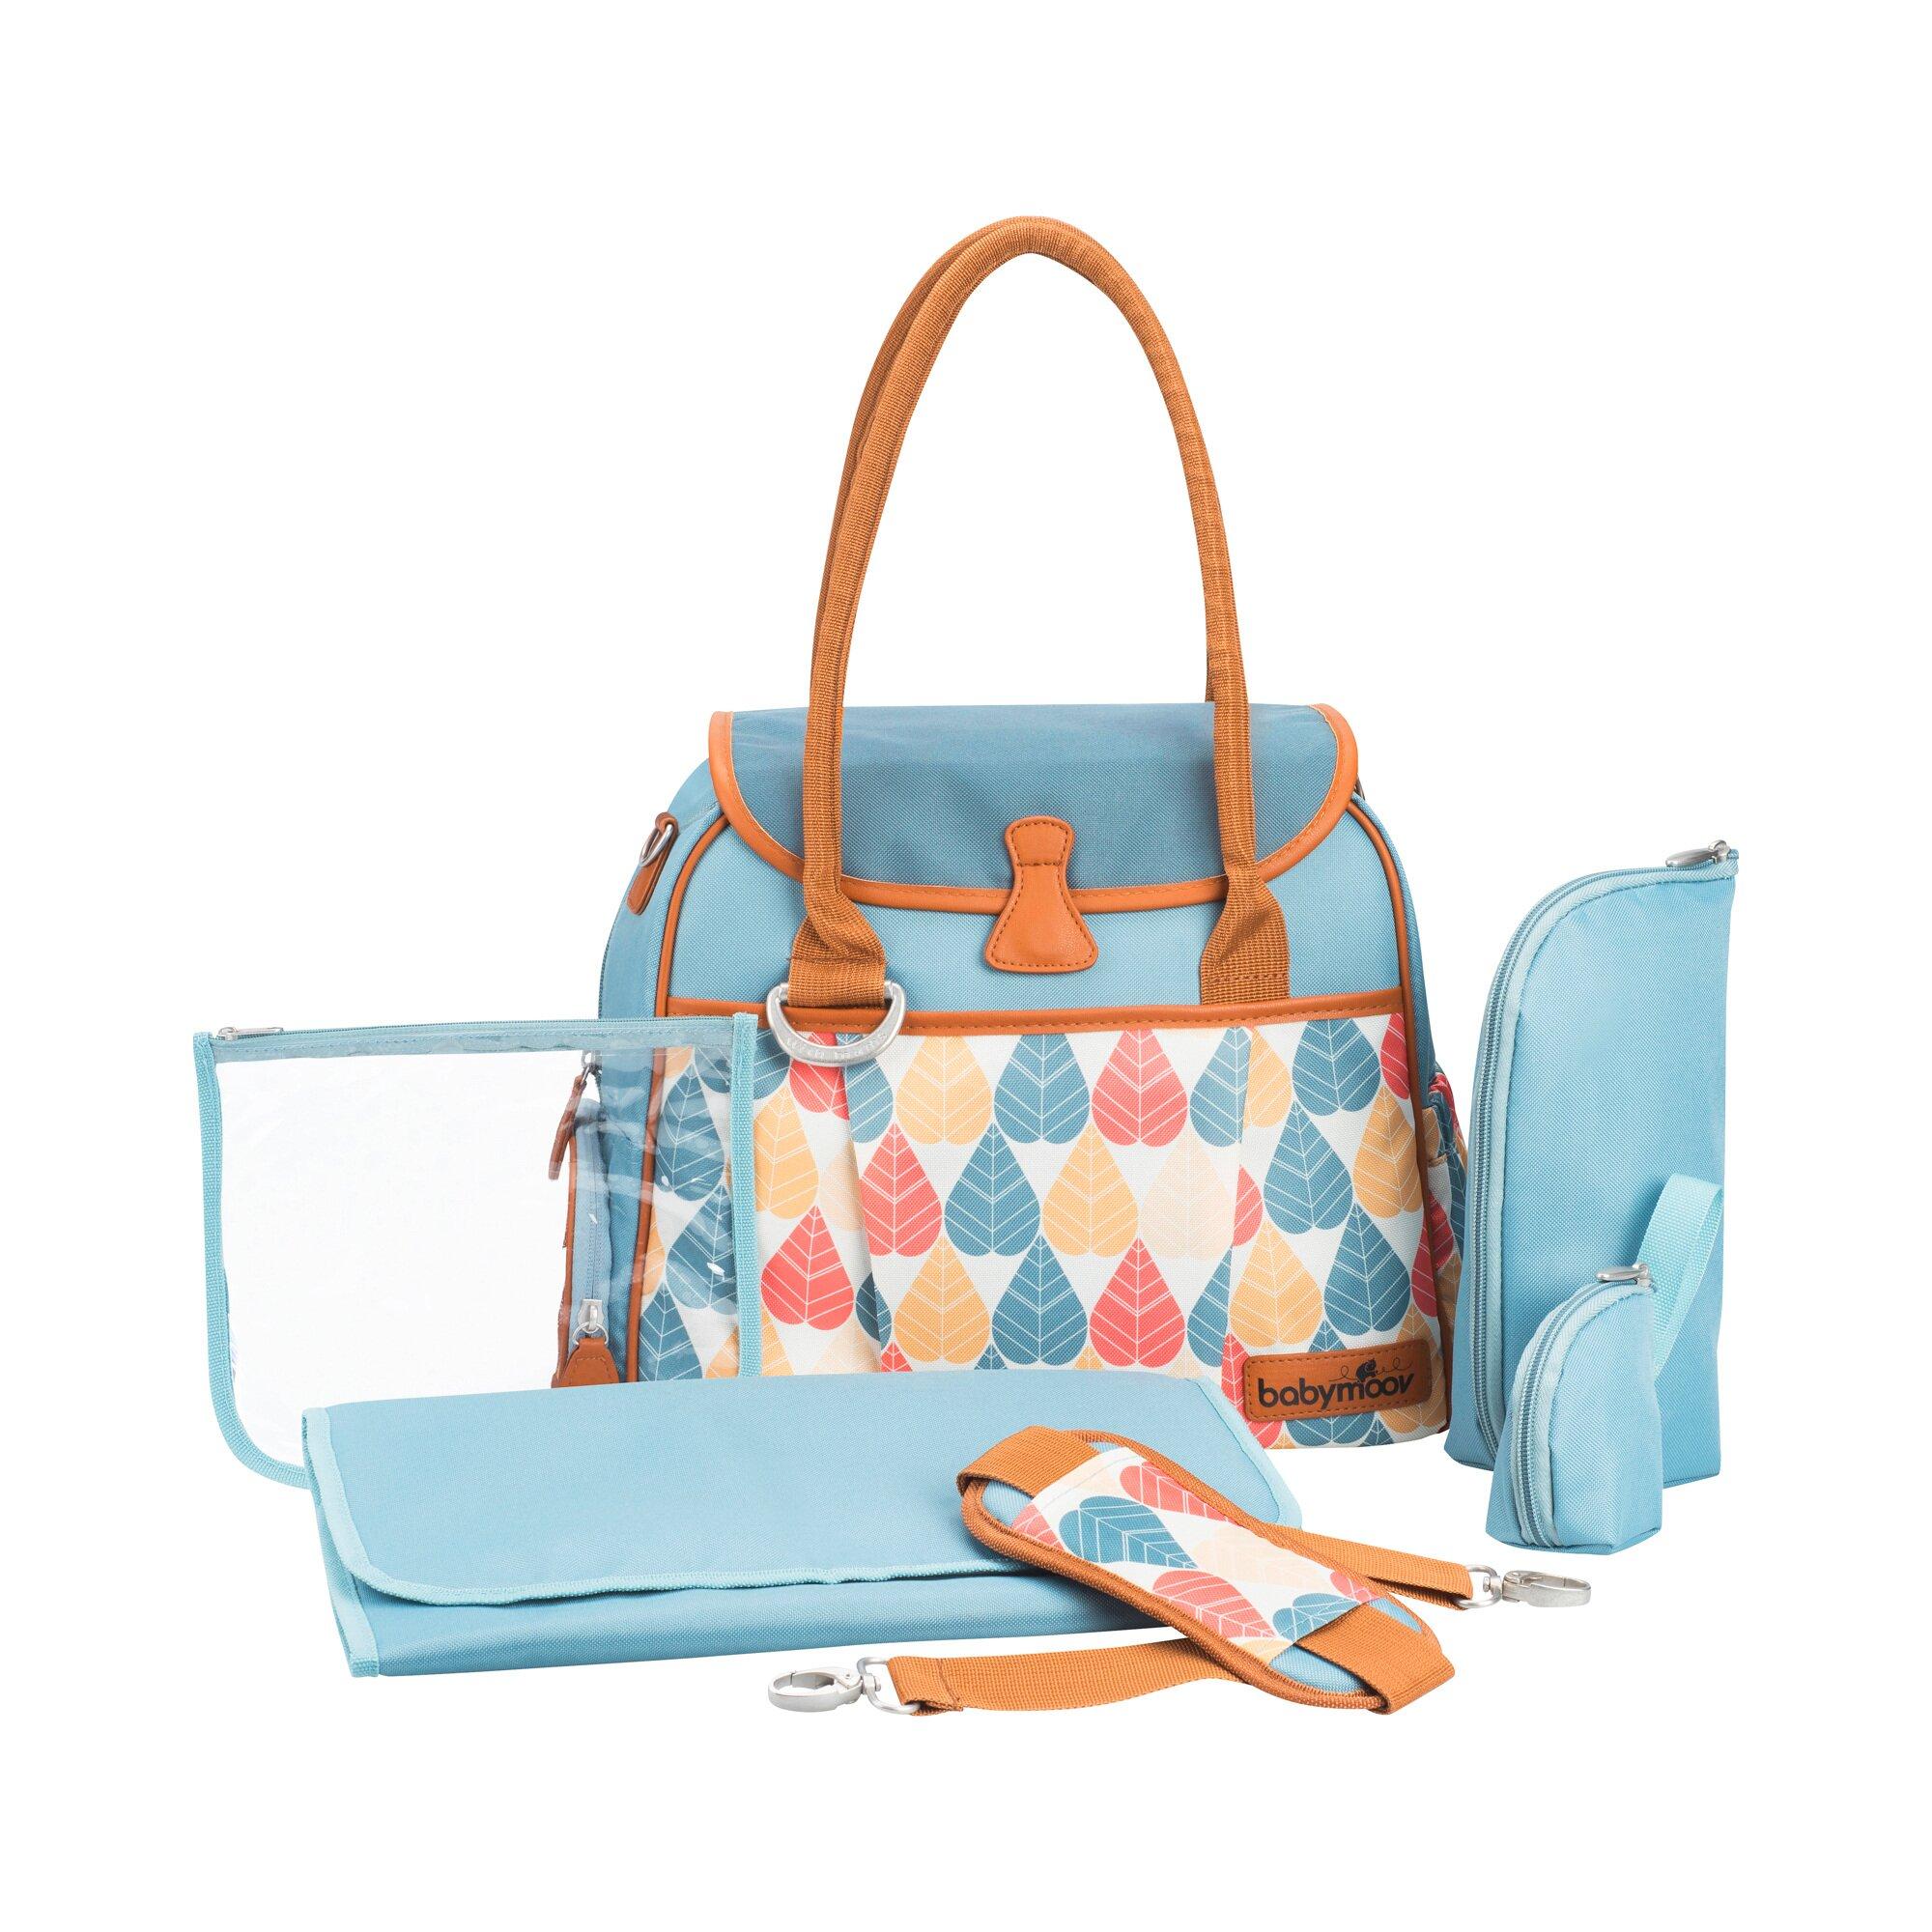 babymoov-wickeltasche-style-bag-tuerkis